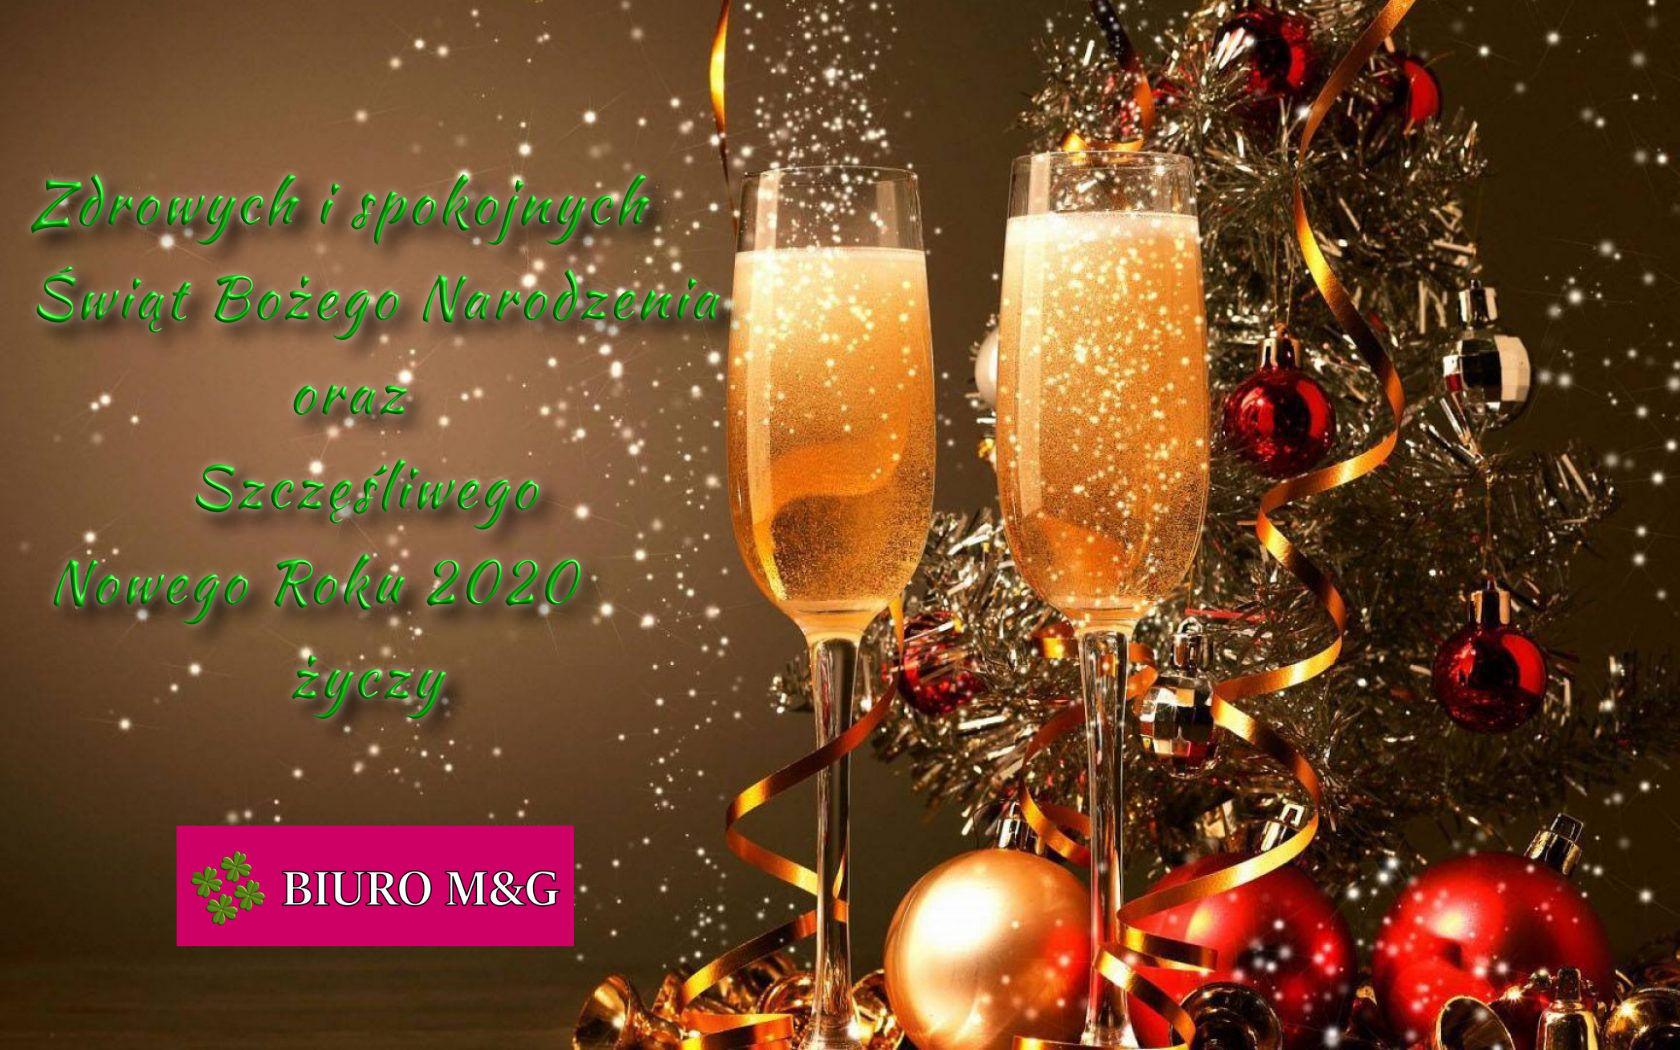 Życzenia świąteczne od BIURM M&G